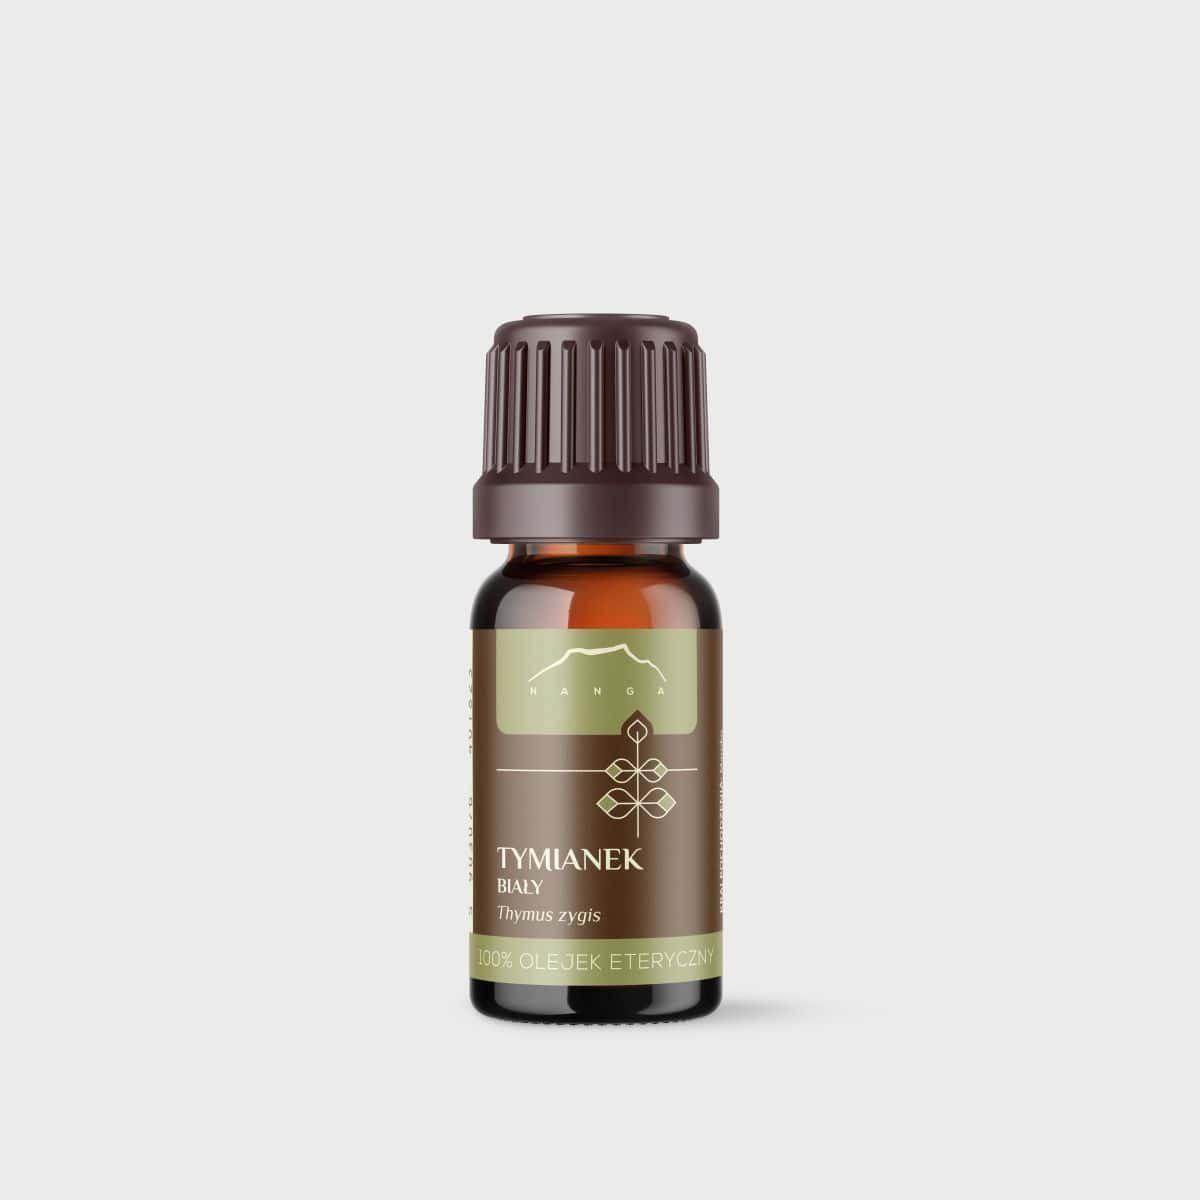 Olejek z białego tymianku 100% eteryczny Nanga